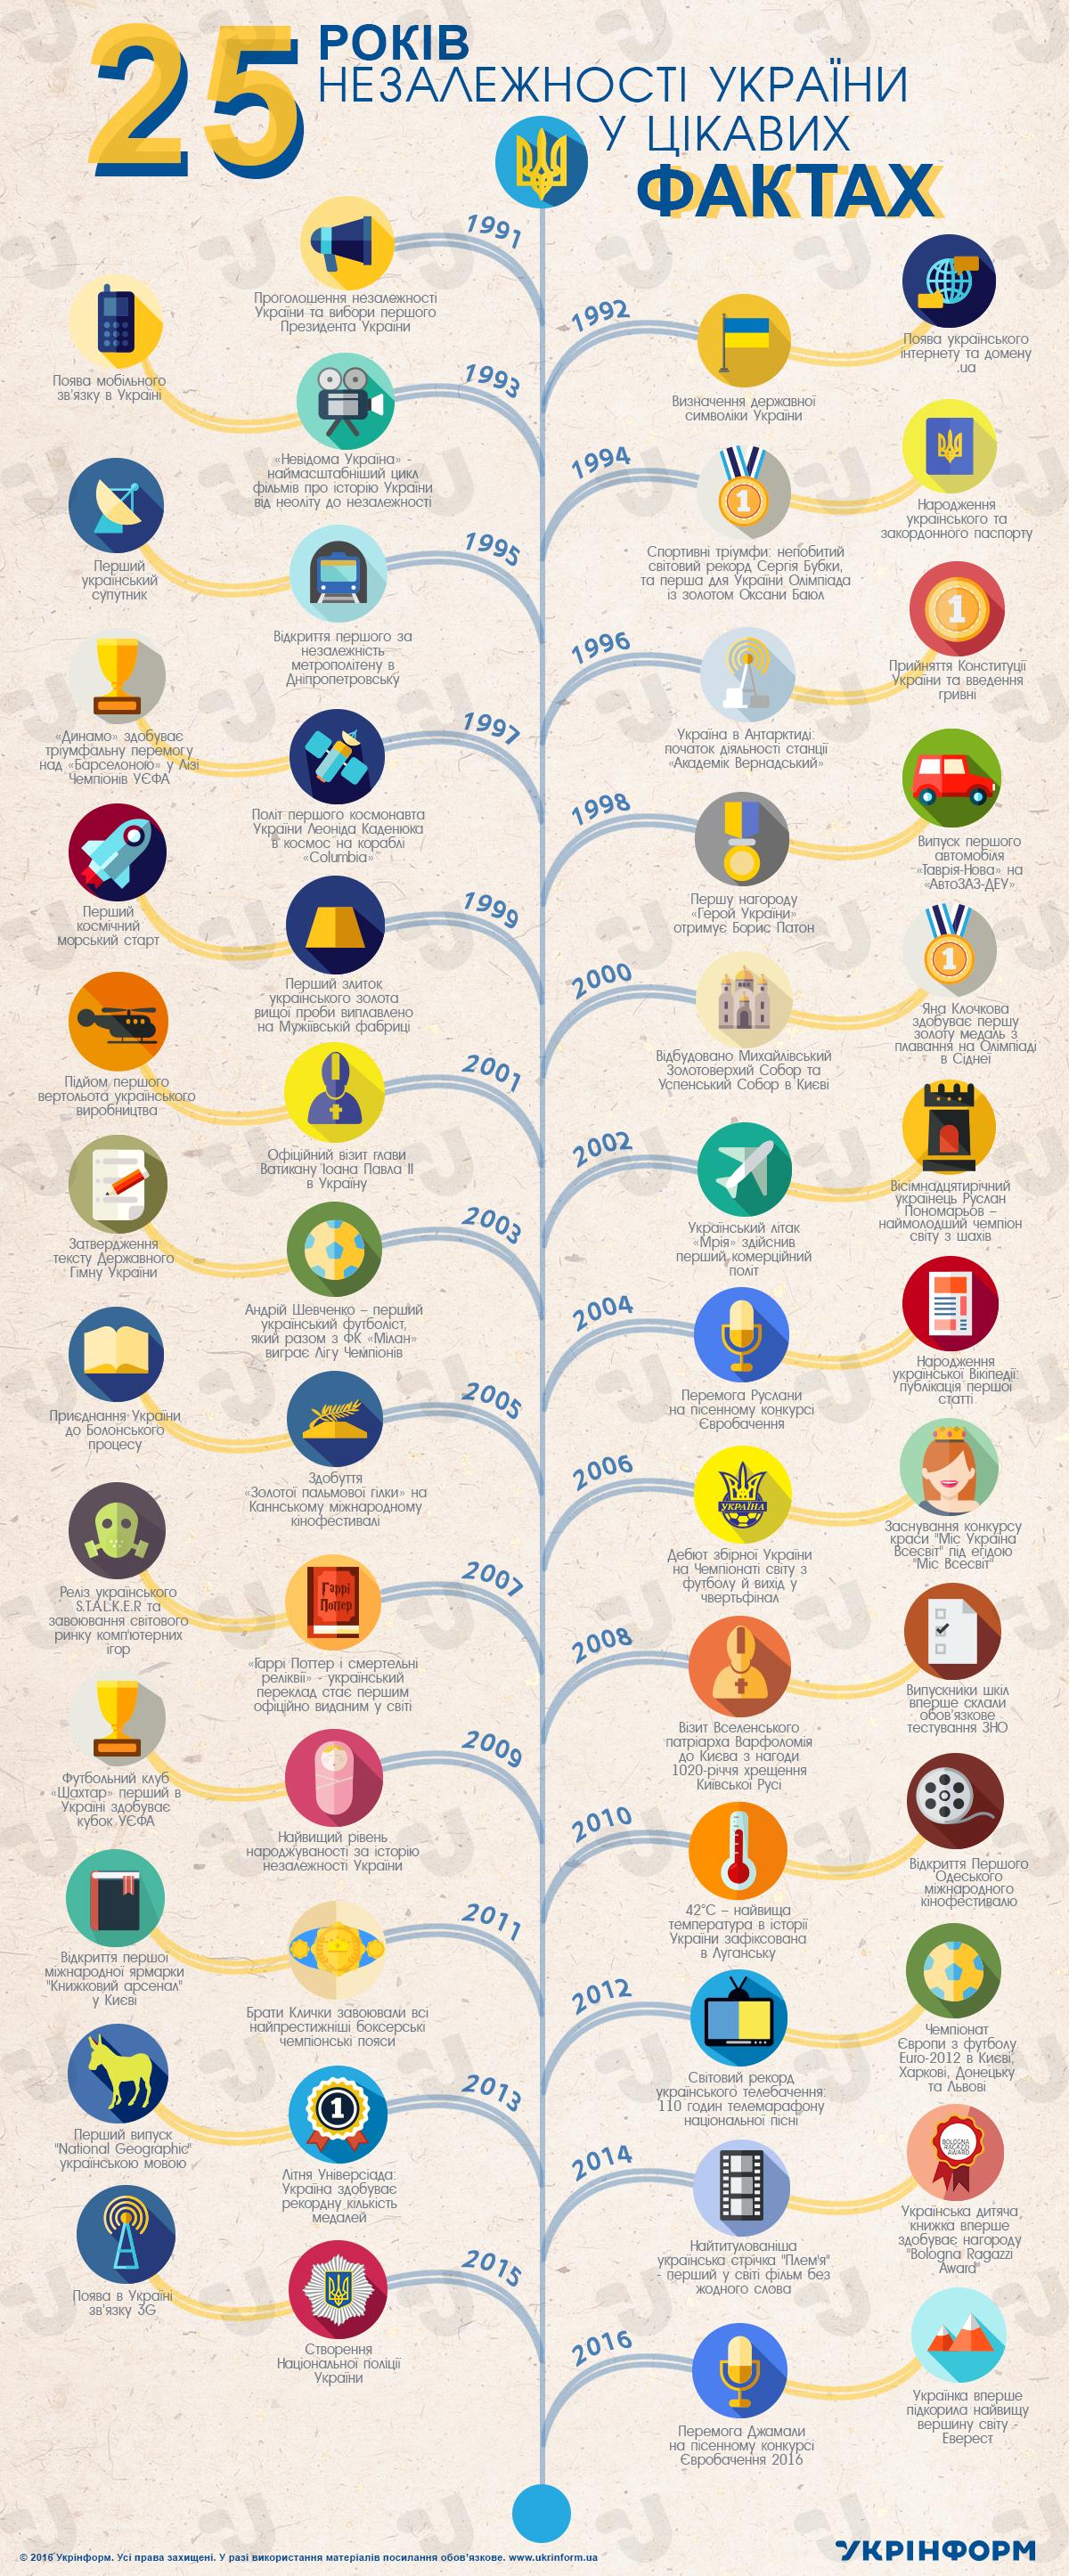 26 років незалежності України у цікавих фактах. Інфографіка